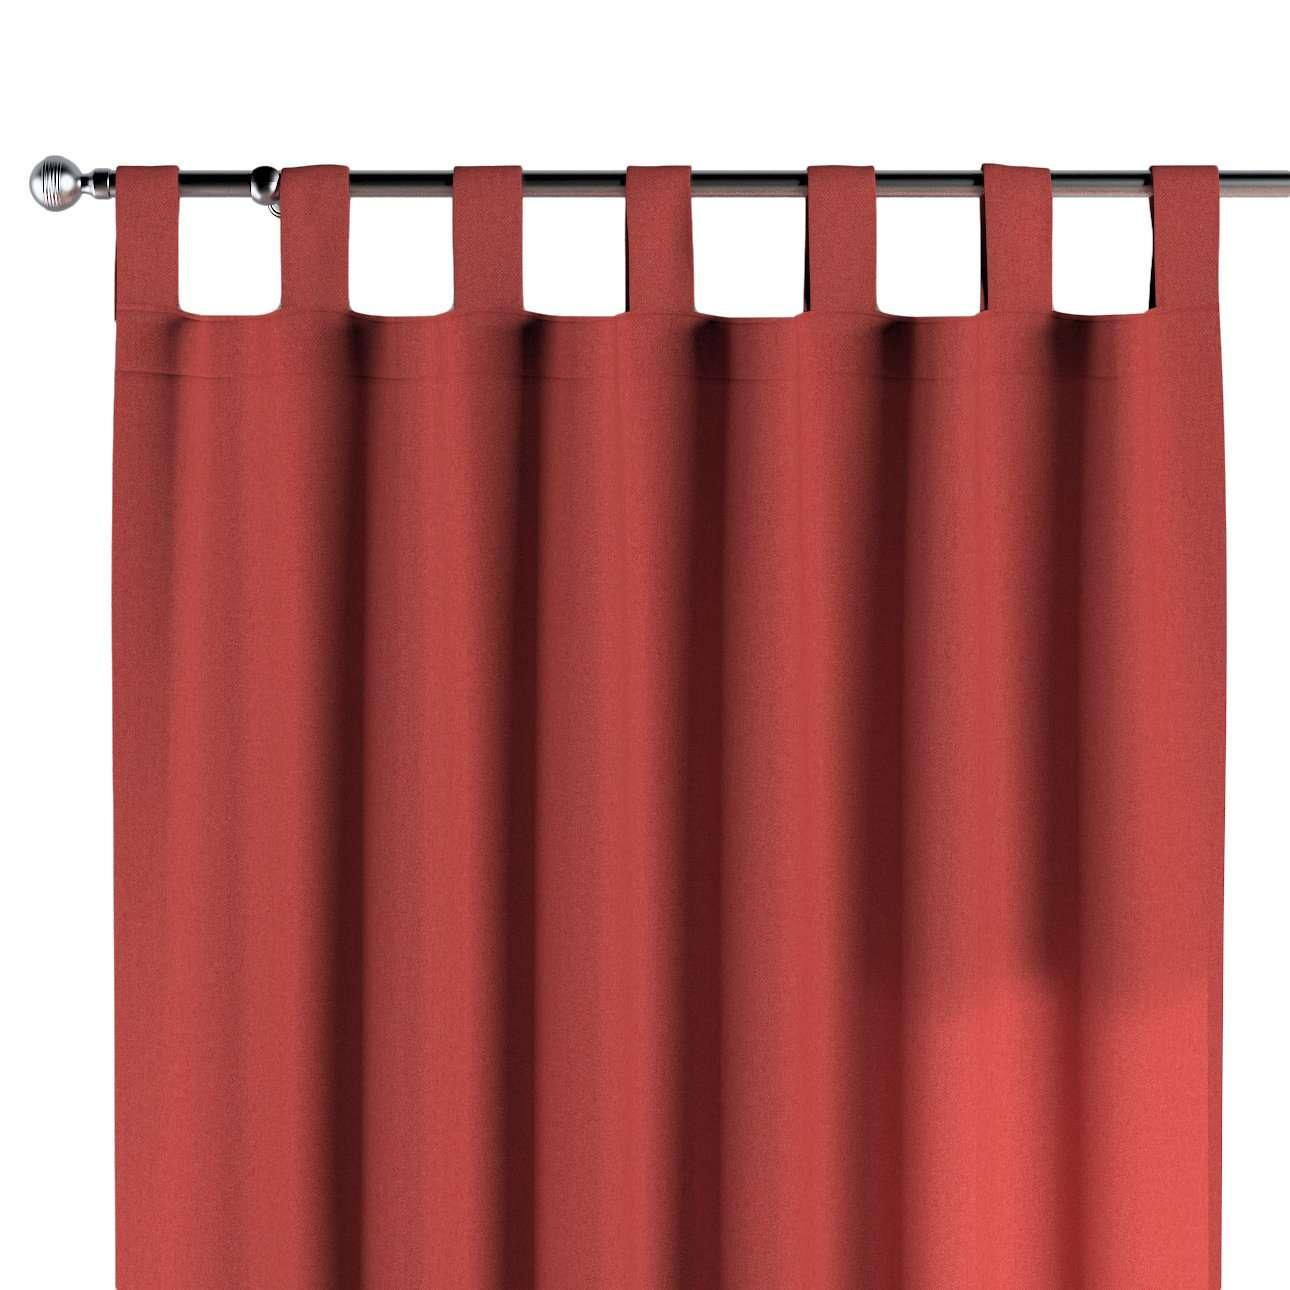 Schlaufenschal, rot, 1 Stck. 130 × 260 cm, Wooly   Heimtextilien > Gardinen und Vorhänge > Schlaufenschals   Dekoria